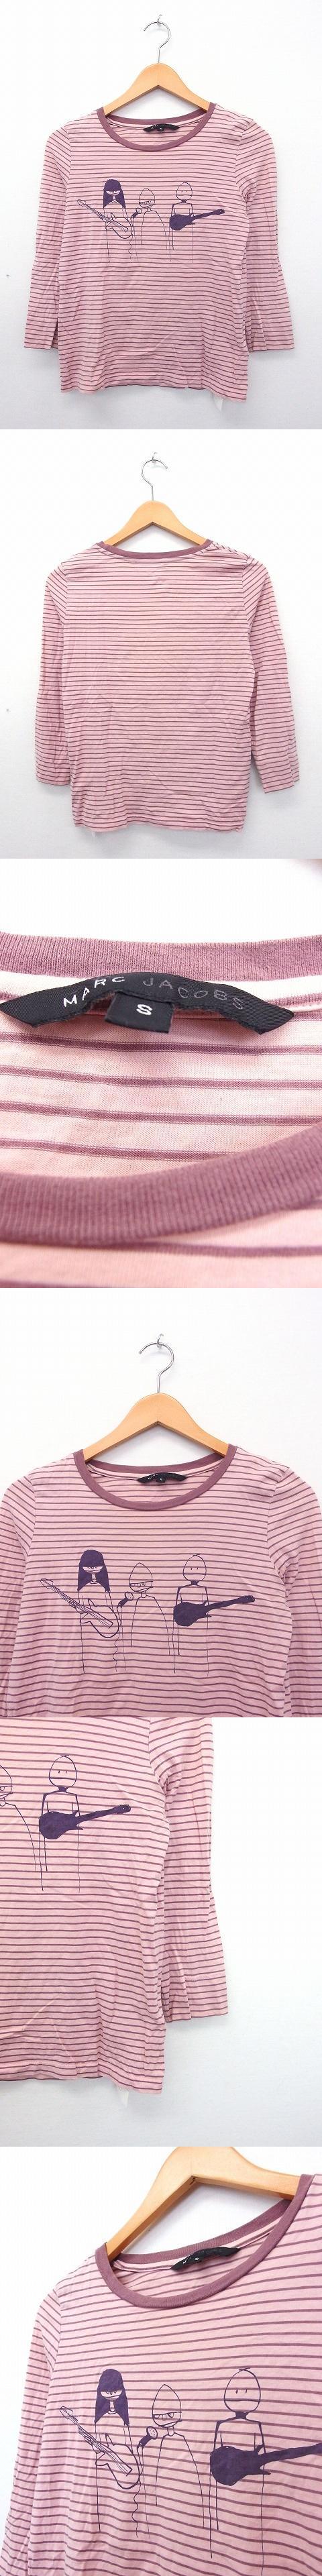 国内正規品 カットソー Tシャツ 長袖 丸首 綿 コットン ボーダー S ピンク /KT57